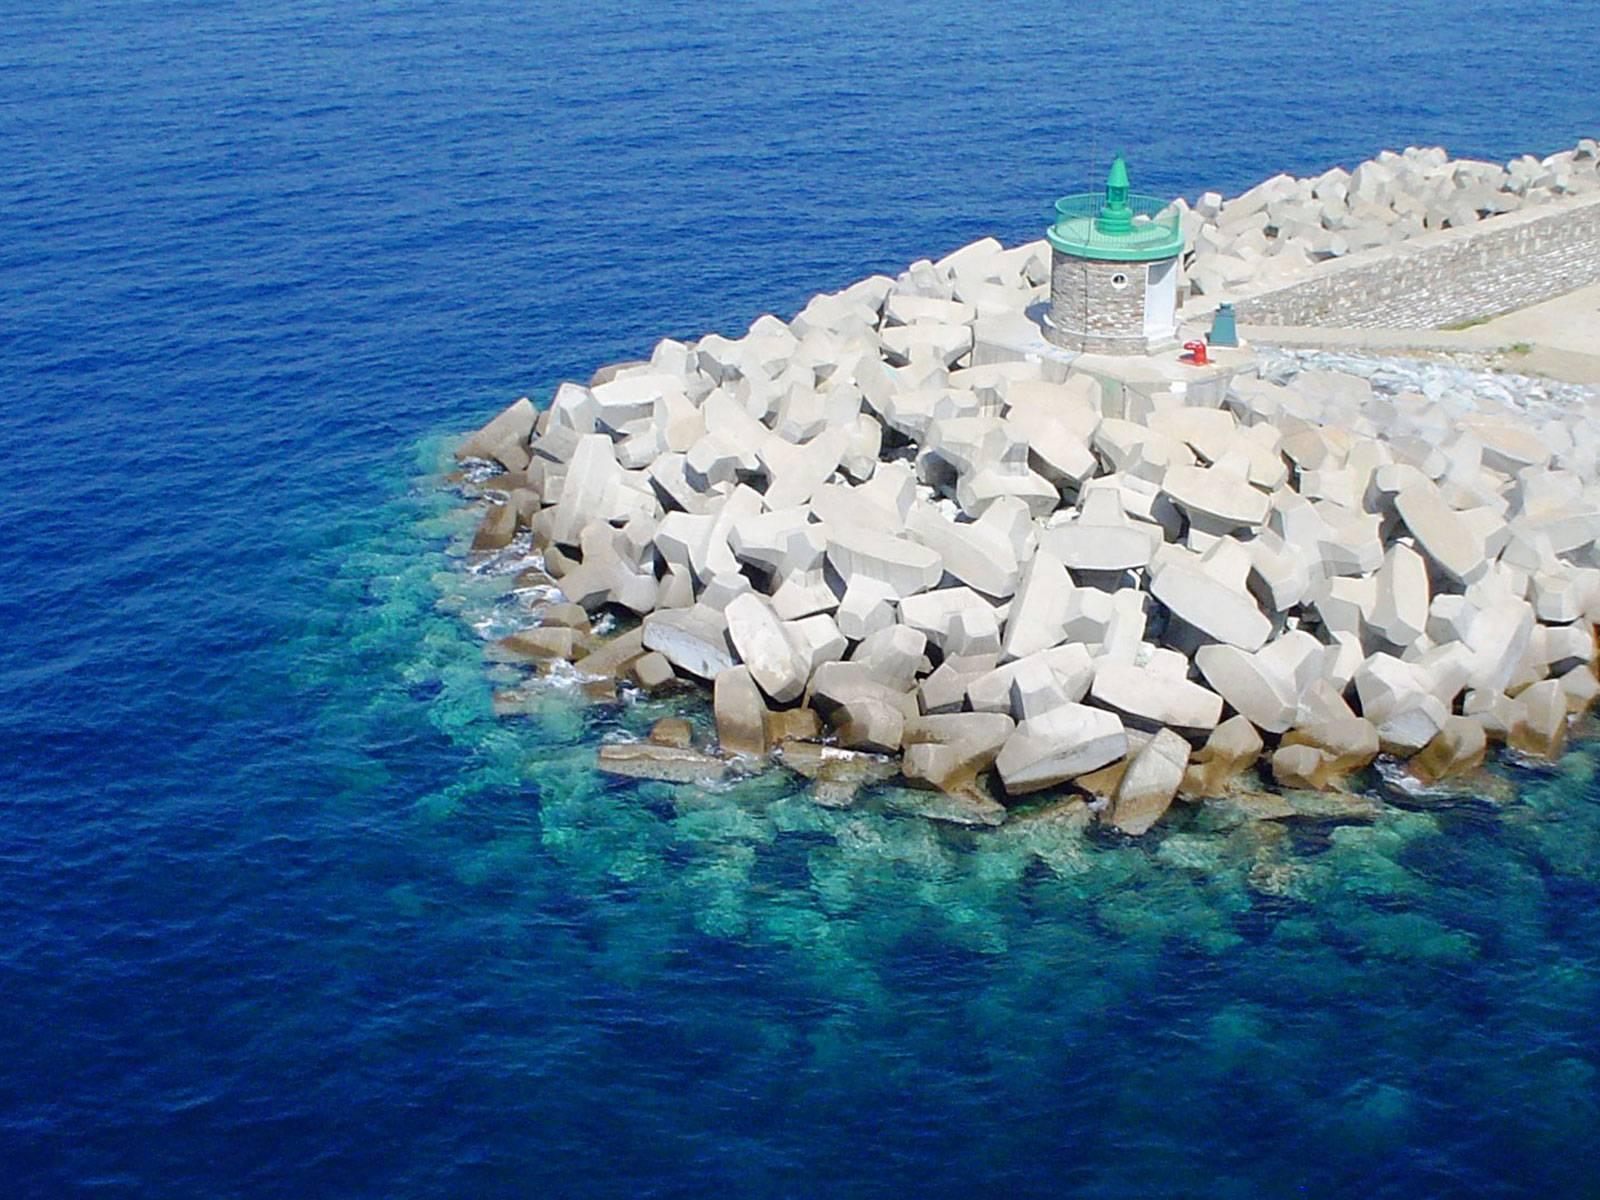 Portul din Ponza este locul unde rămân peste noapte ambarcațiuni din toată lumea